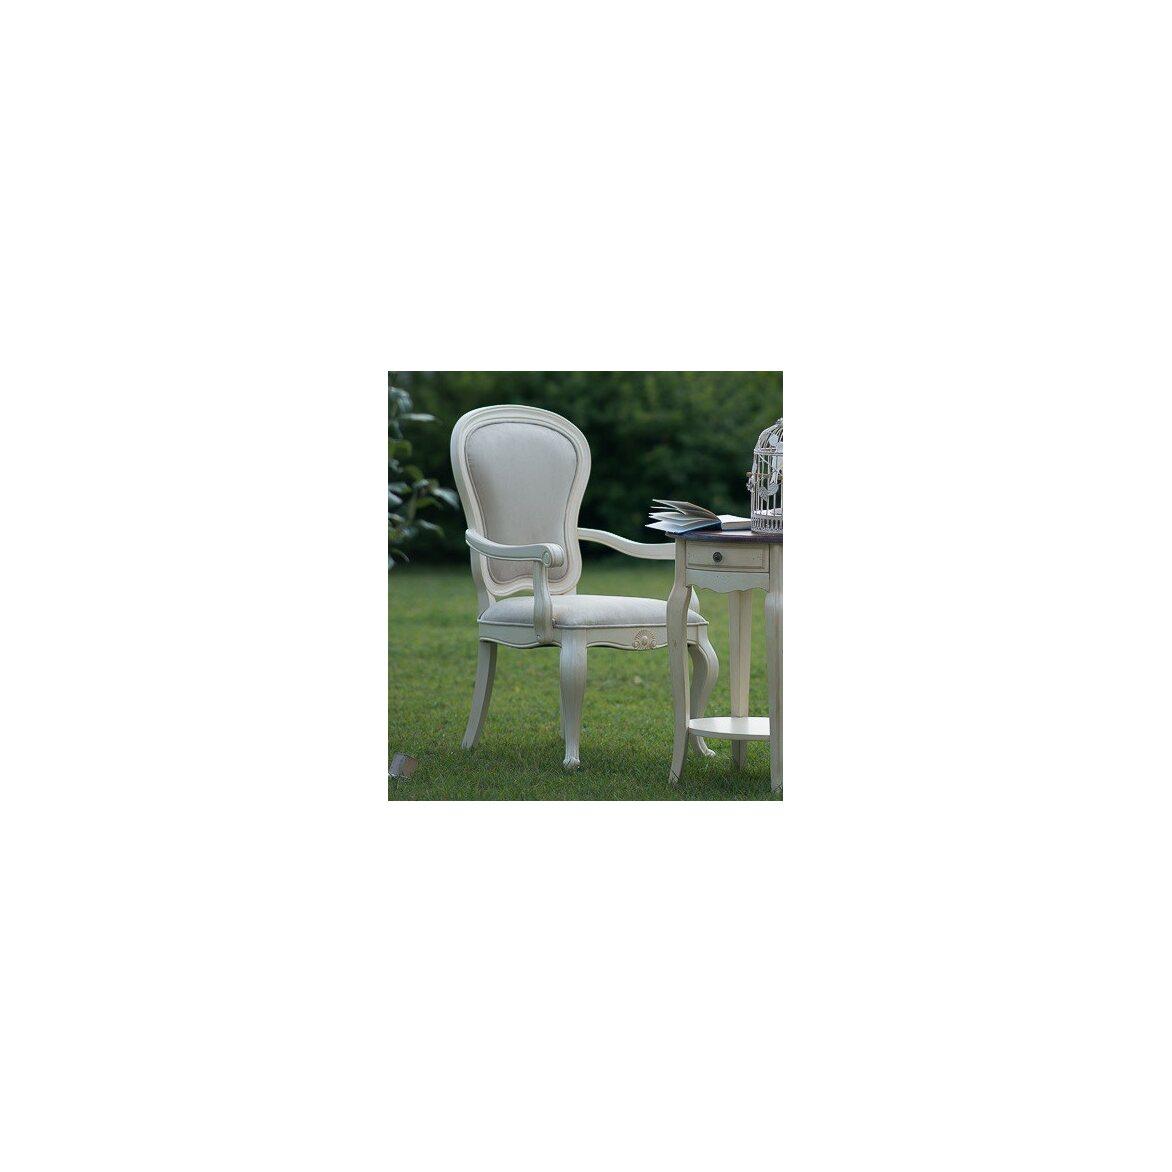 Полукресло с твердыми подлокотниками Leontina, бежевого цвета 5   Кресло-стул Kingsby